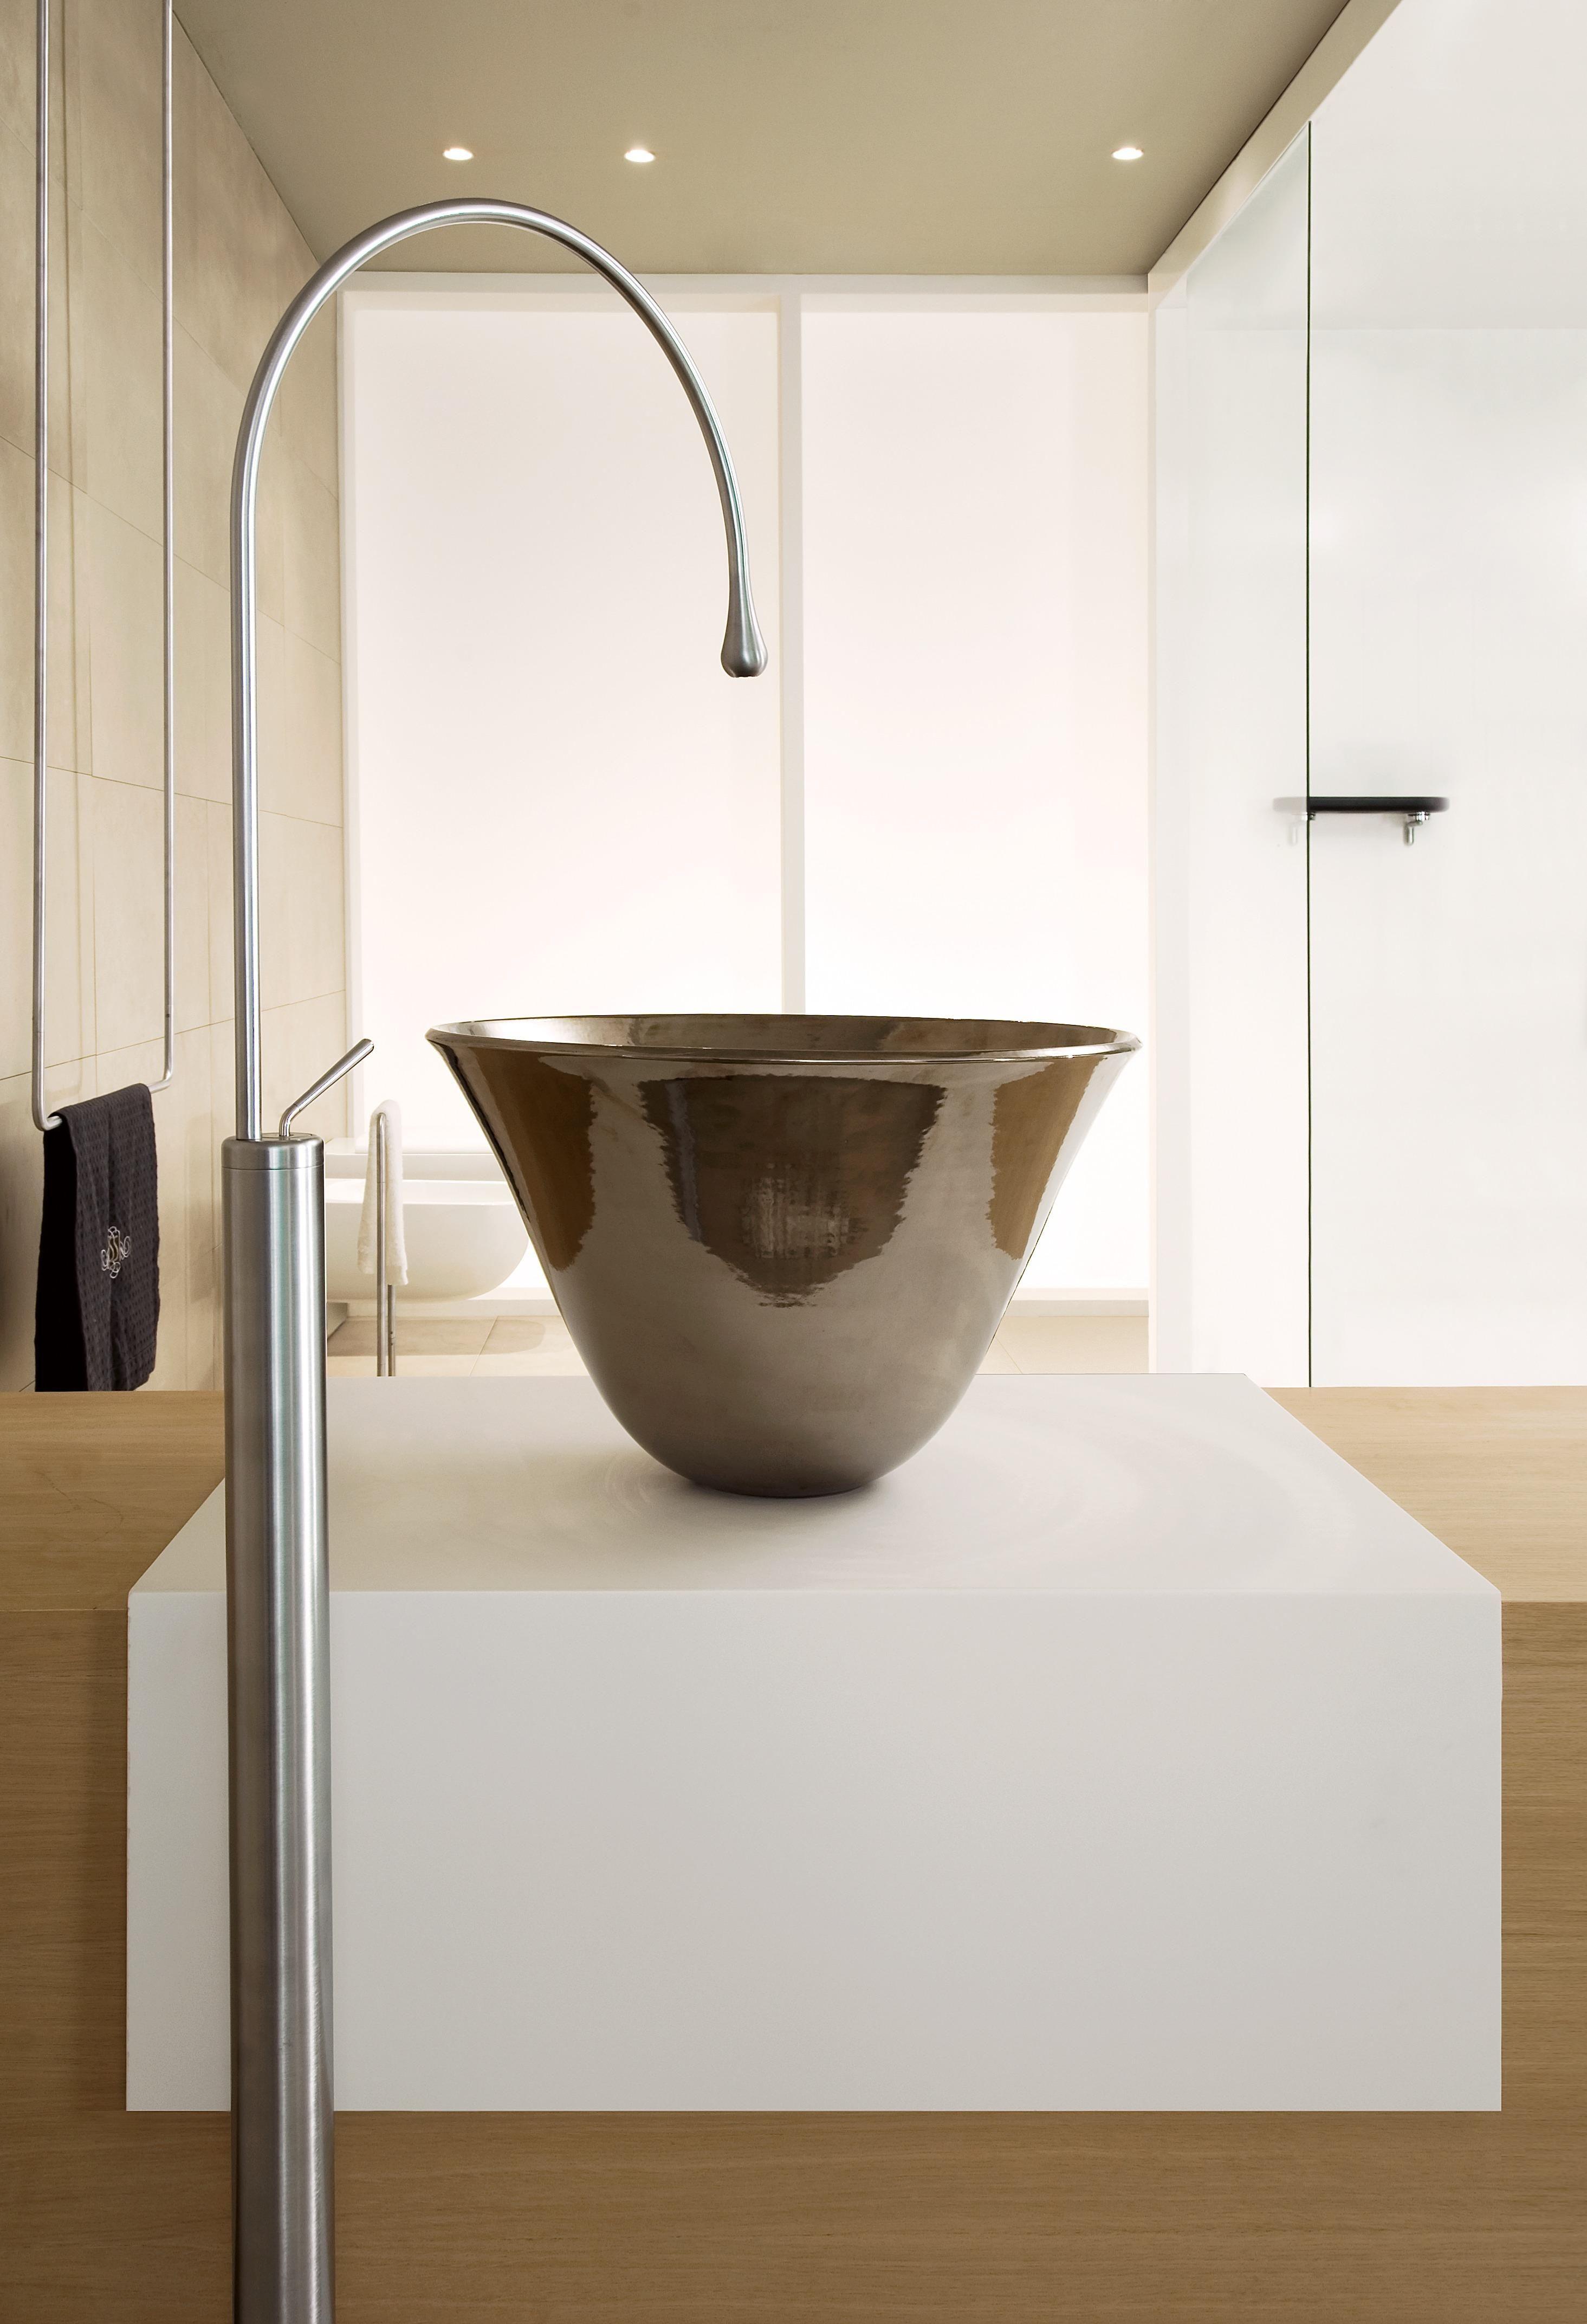 Gessi Goccia Floor Mount Faucet | Lighting, sinks and other fixtures ...